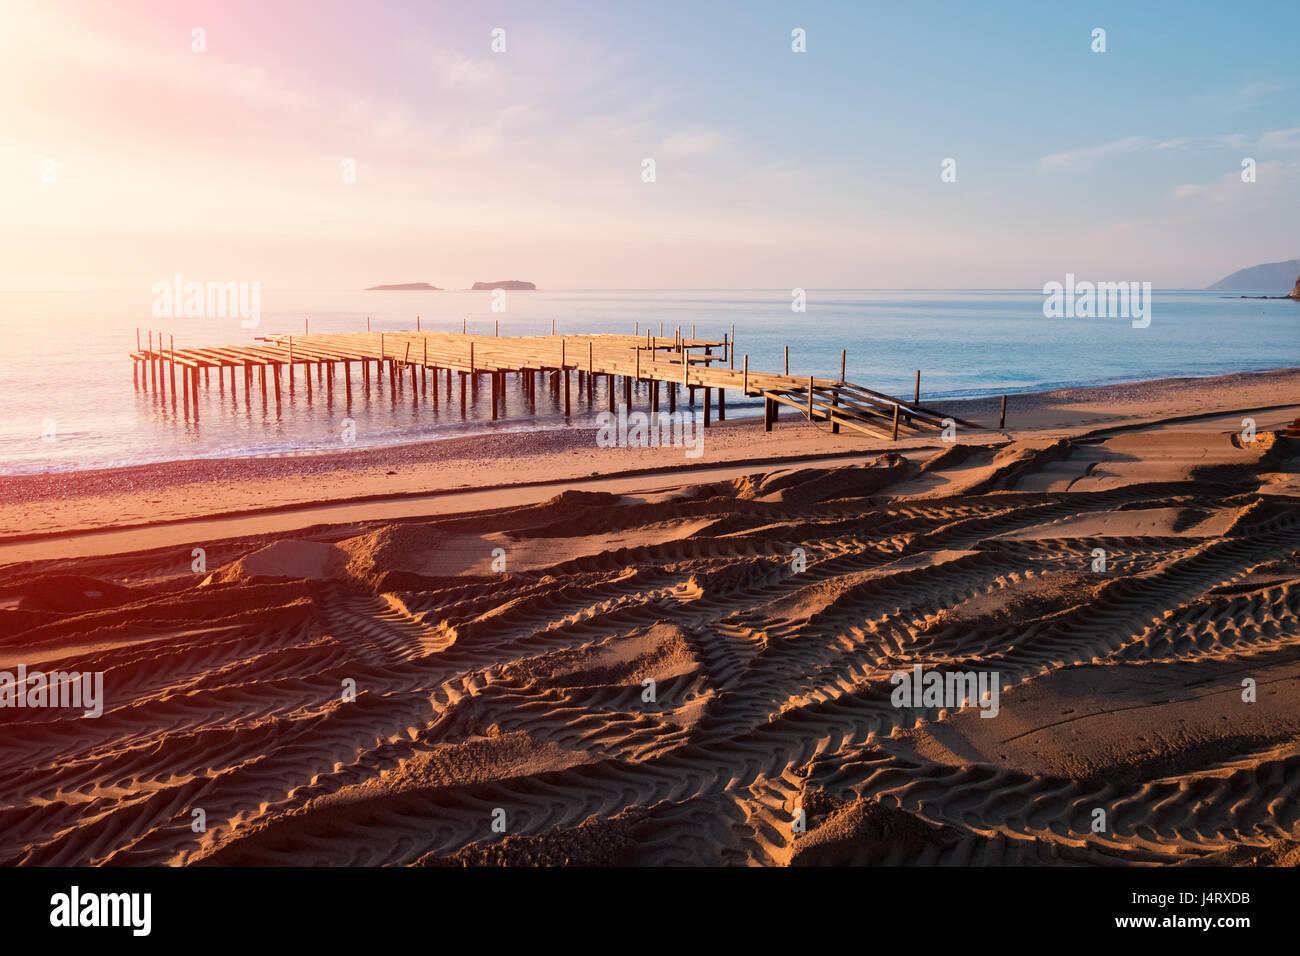 Installazione di terrazza estiva sulla spiaggia. Vista mozzafiato sul mar Mediterraneo. Sabbia importata su una Immagini Stock